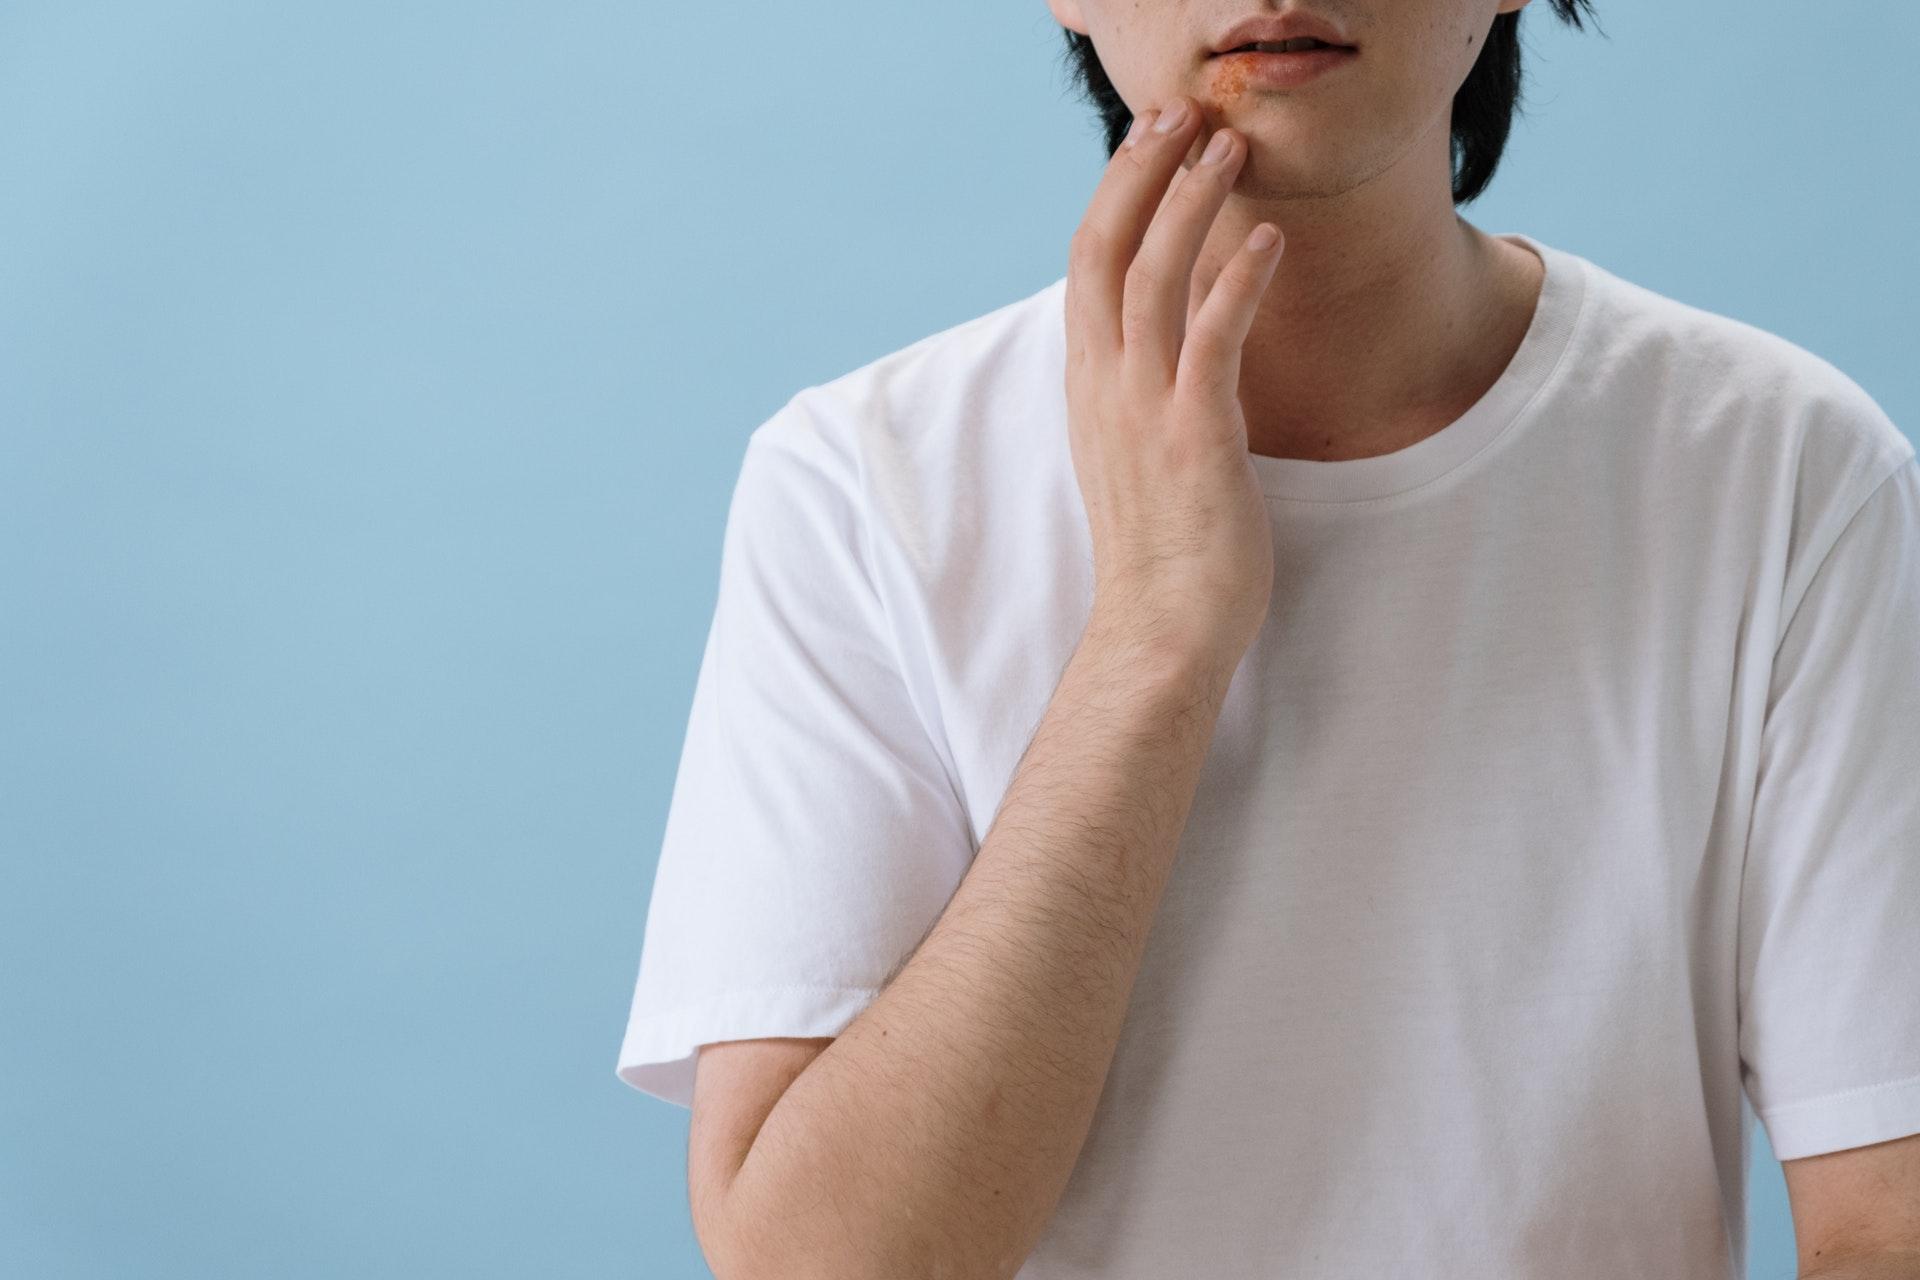 opryszczka na ustach mężczyzny